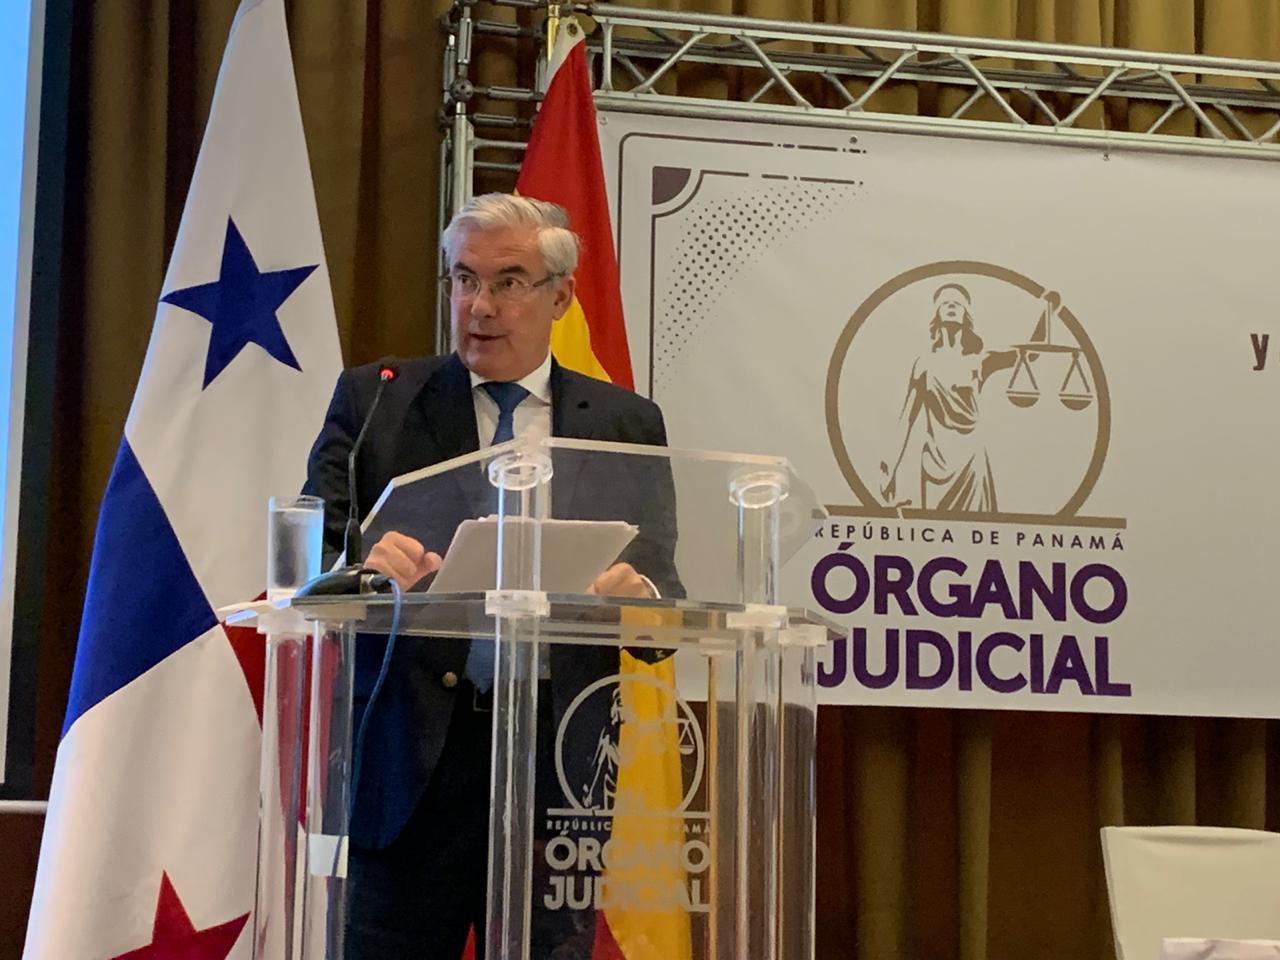 Conferencia Sobre Buena Administración Del Dr. Jaime Rodríguez-Arana En La Ceremonia De Clausura De La Rendición De Cuentas De La Corte Suprema De Panamá